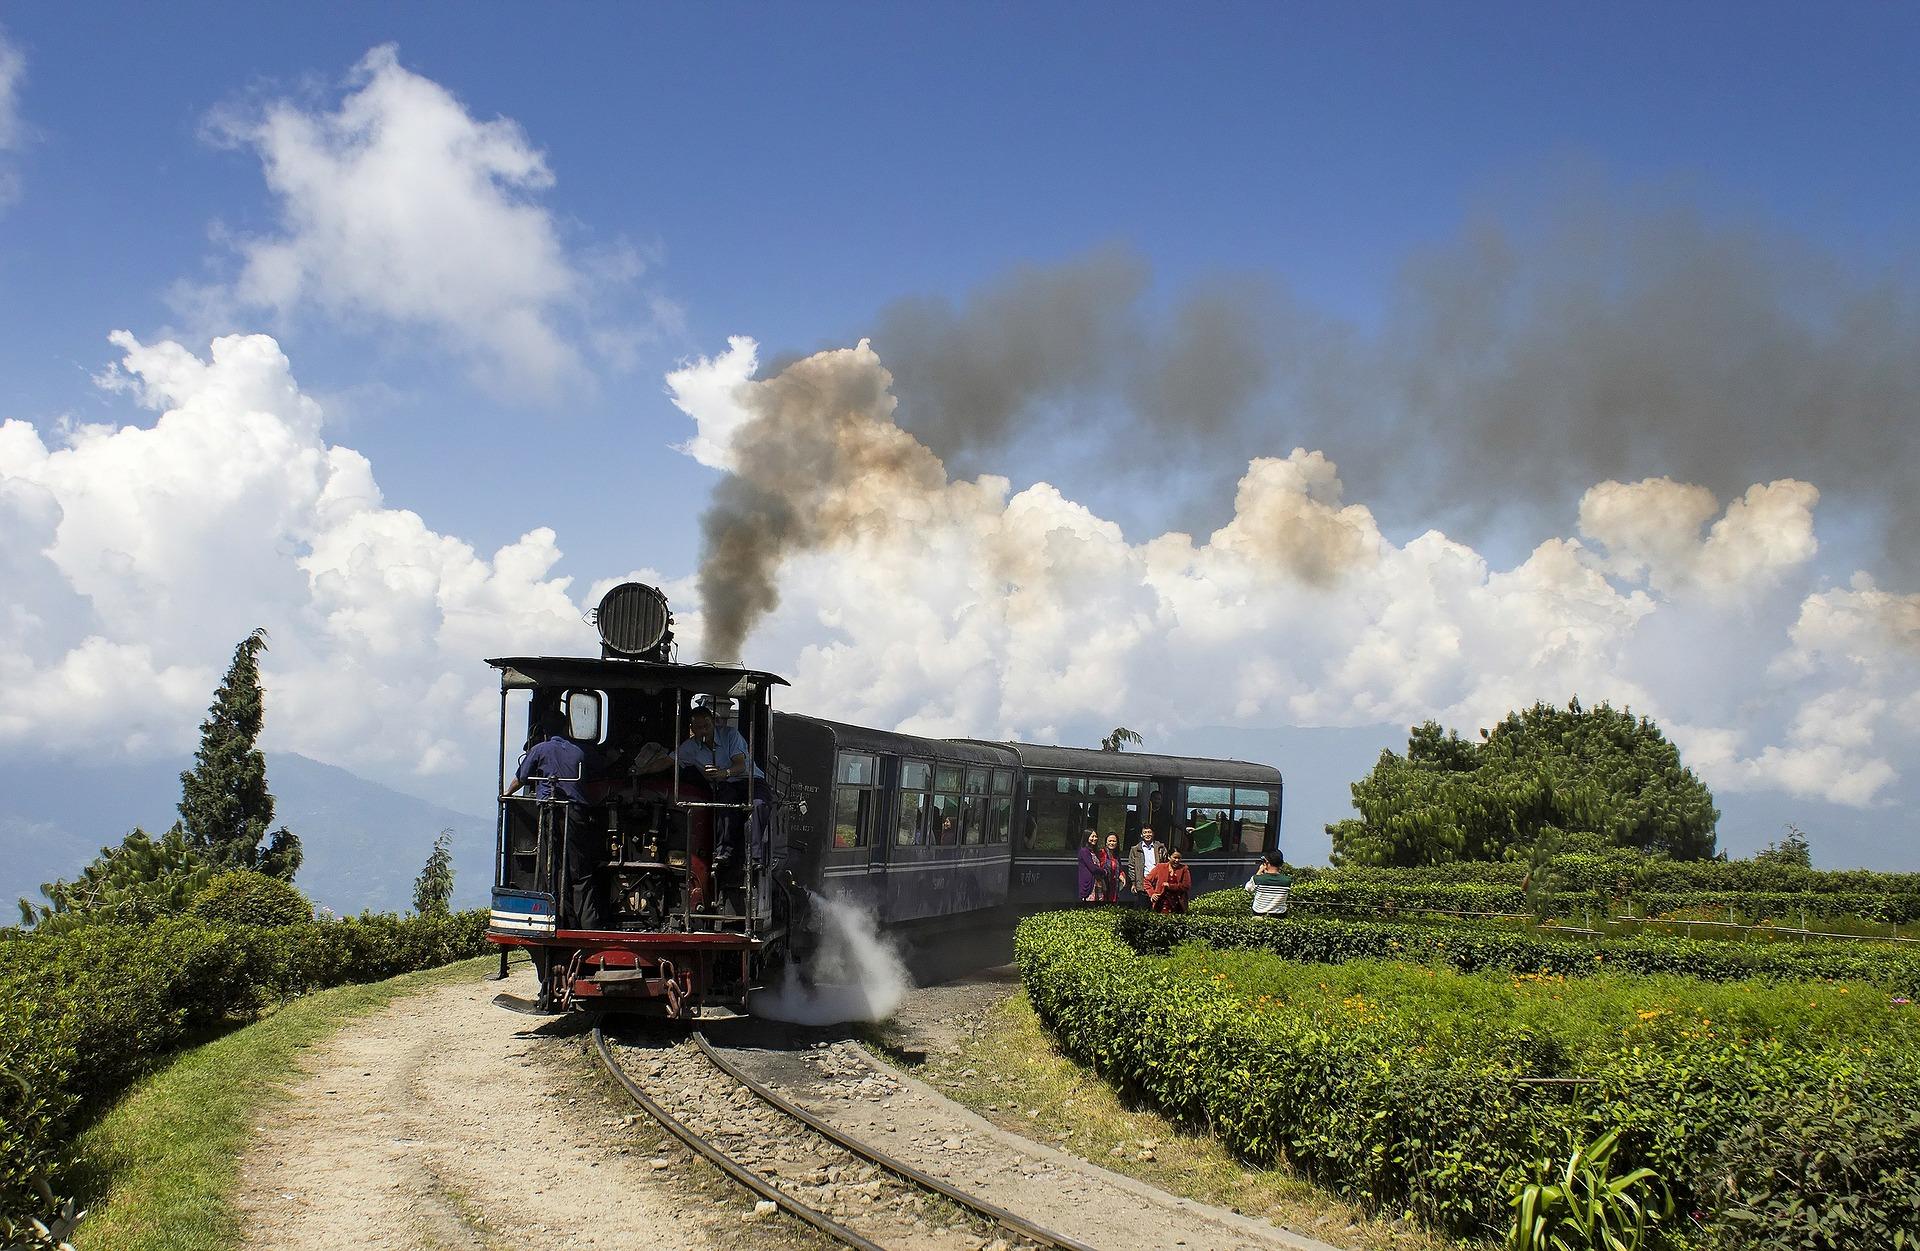 ダージリン・ヒマラヤ鉄道の画像 p1_27